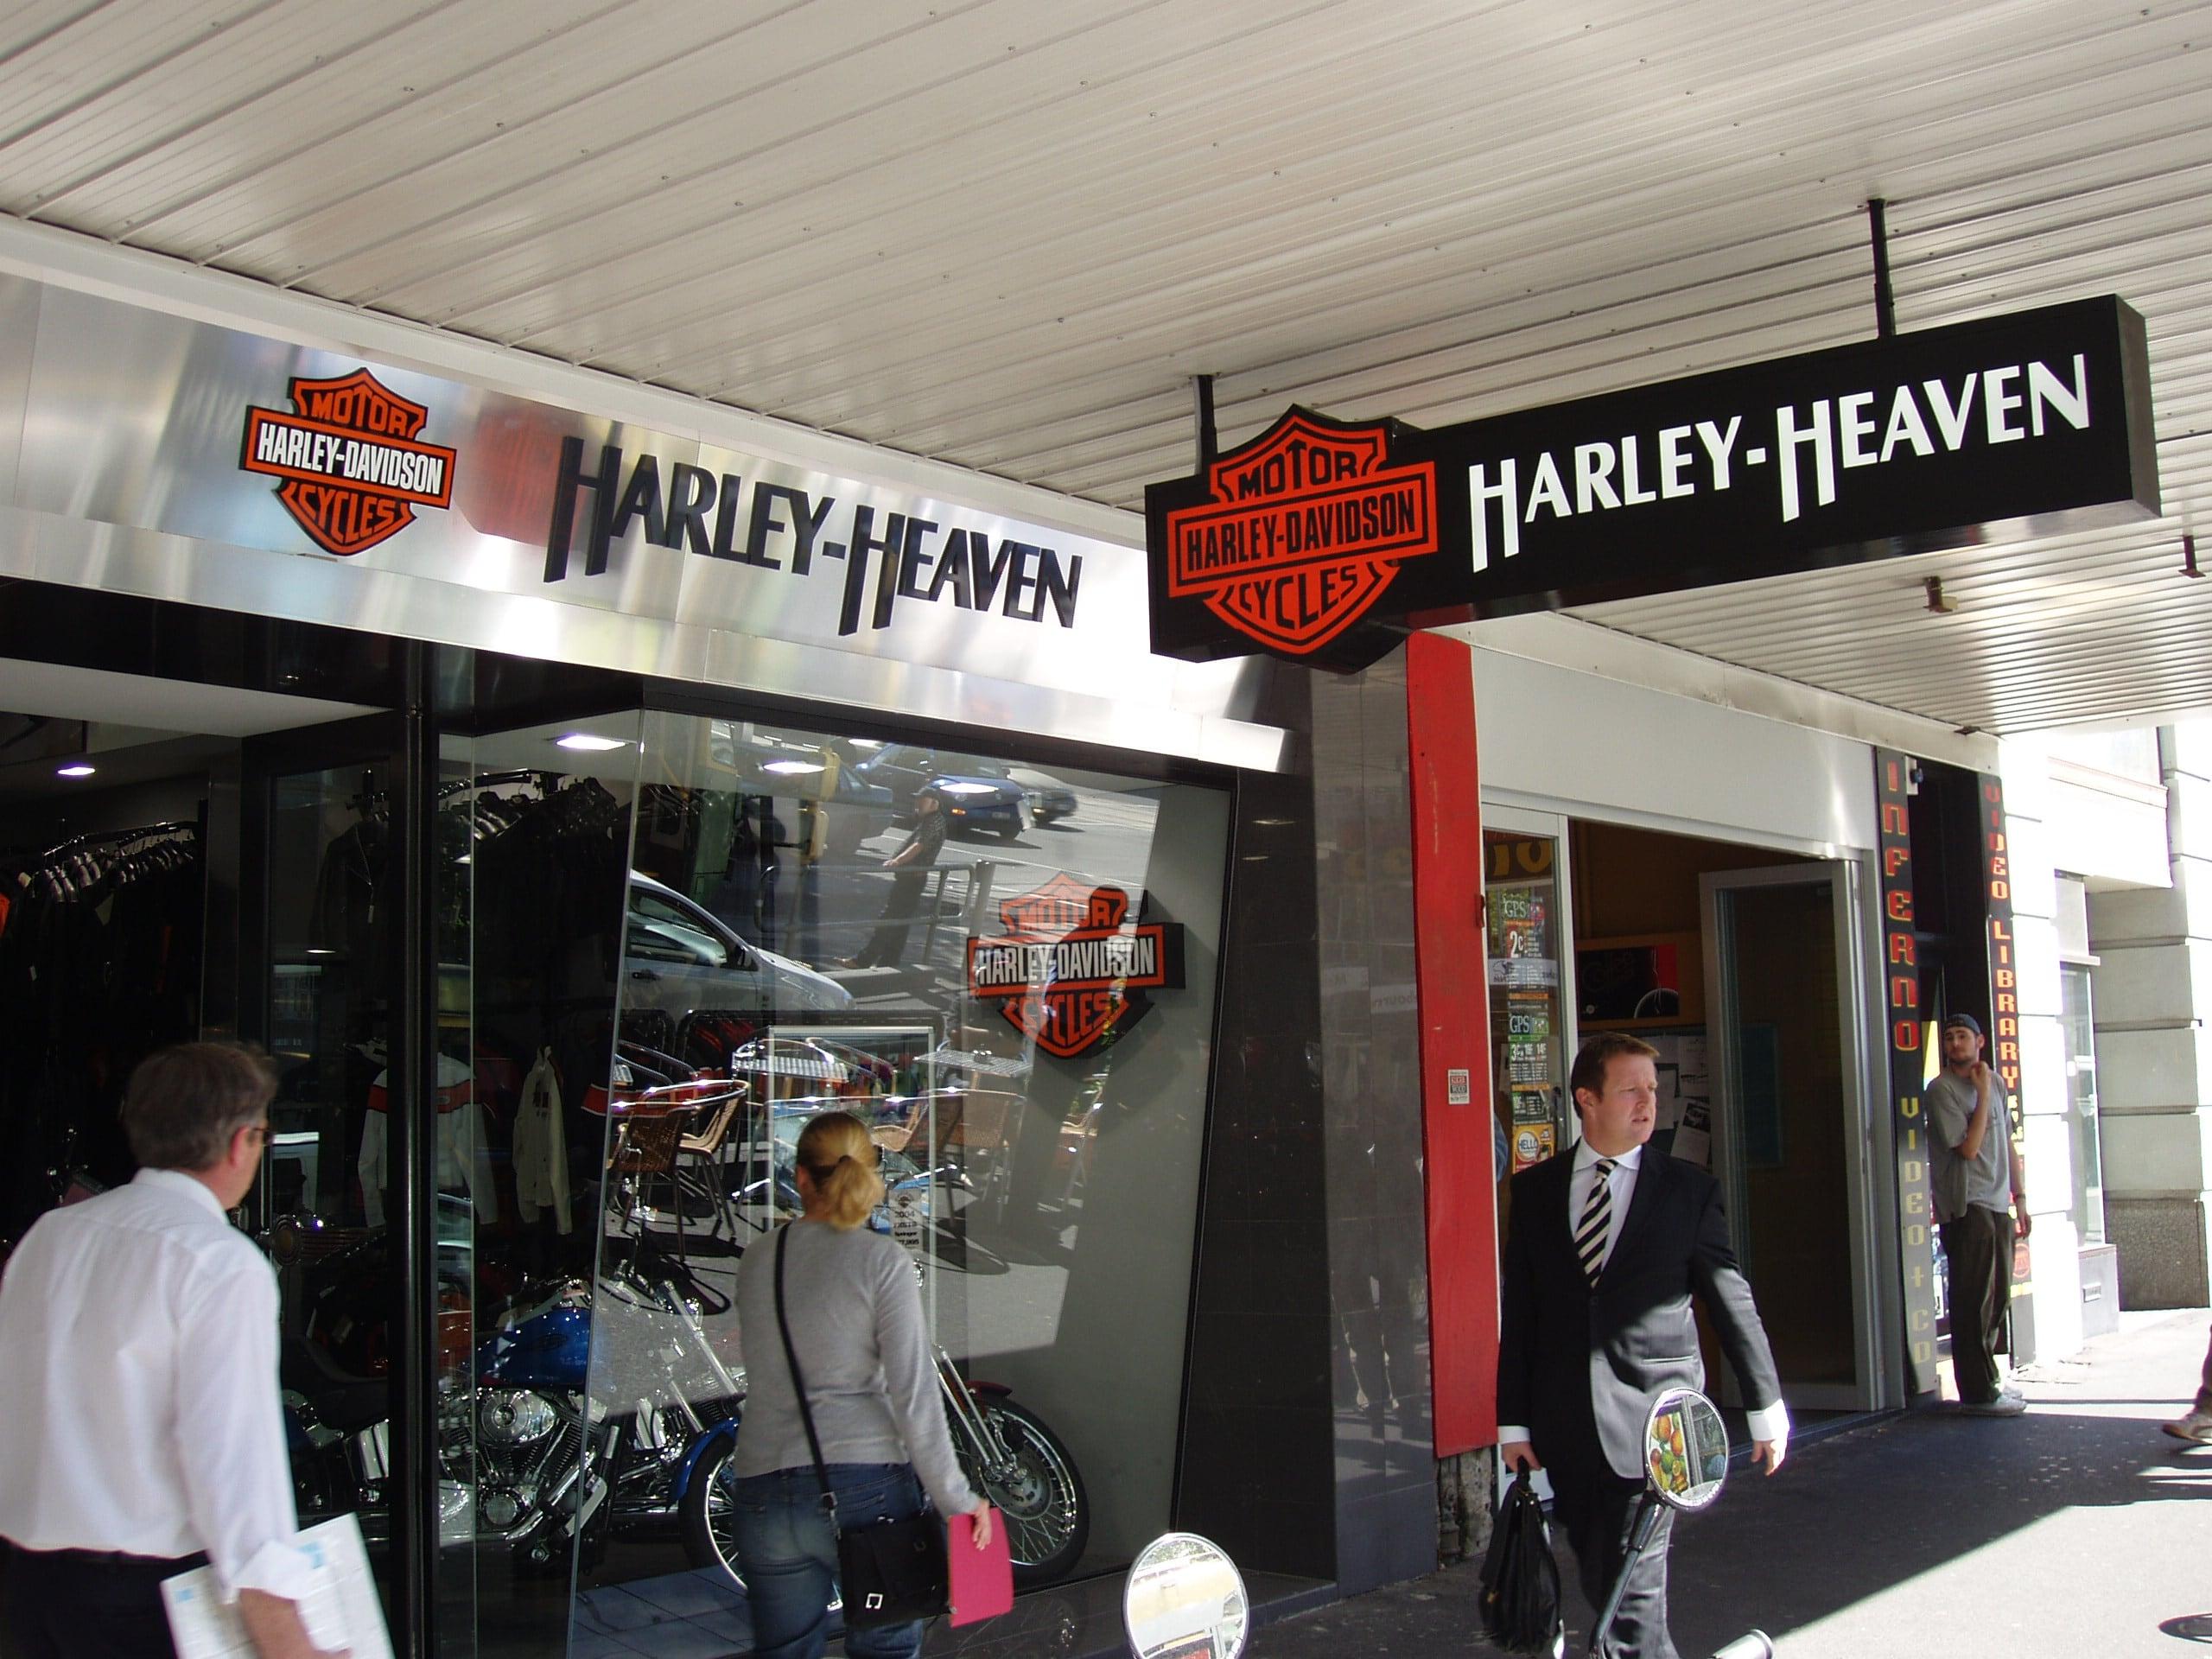 harley heaven shop signage melbourne